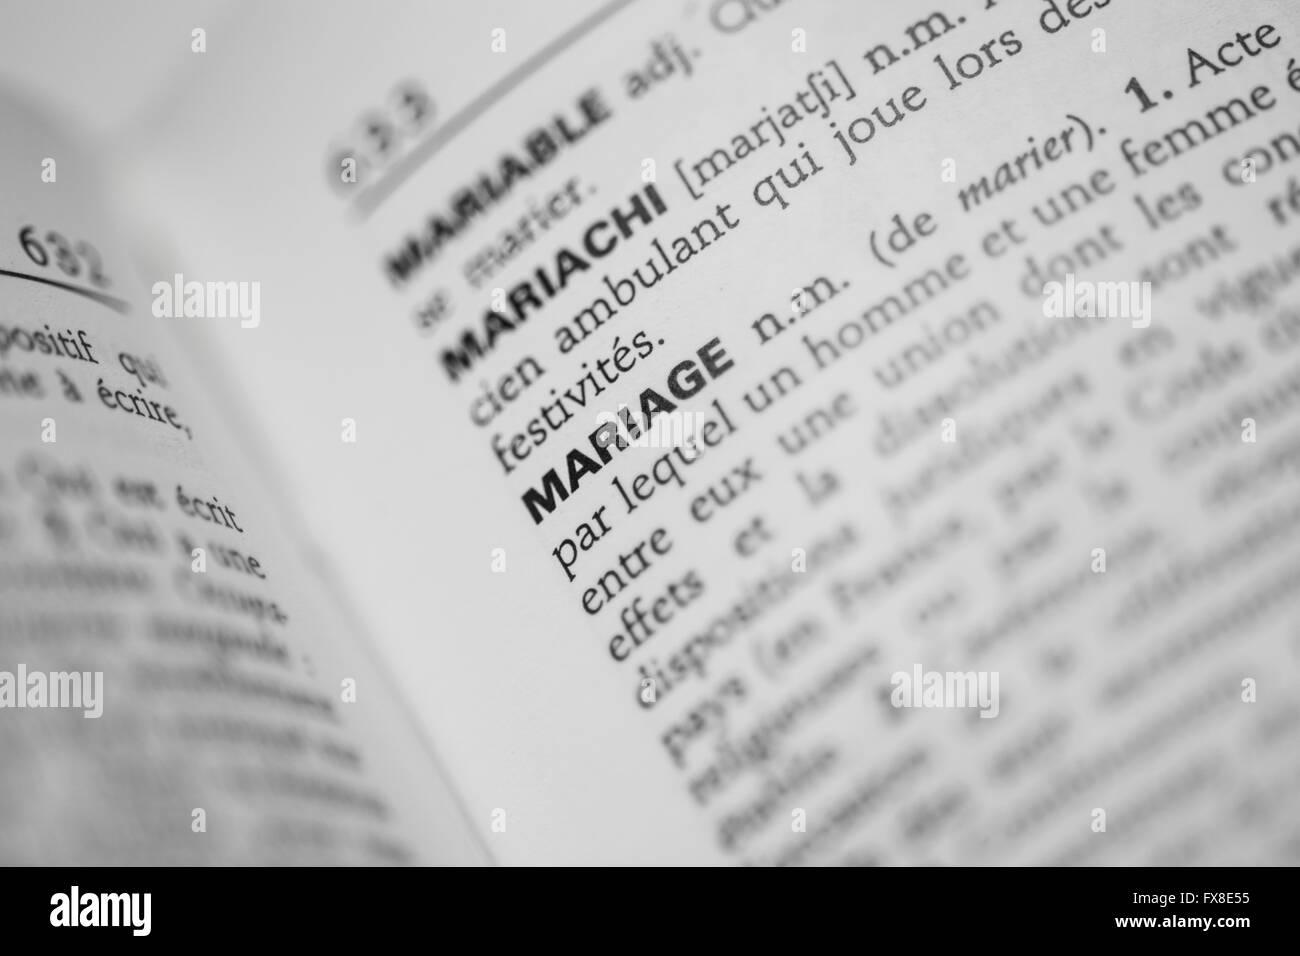 Mot mariage dans un dictionnaire - Stock Image